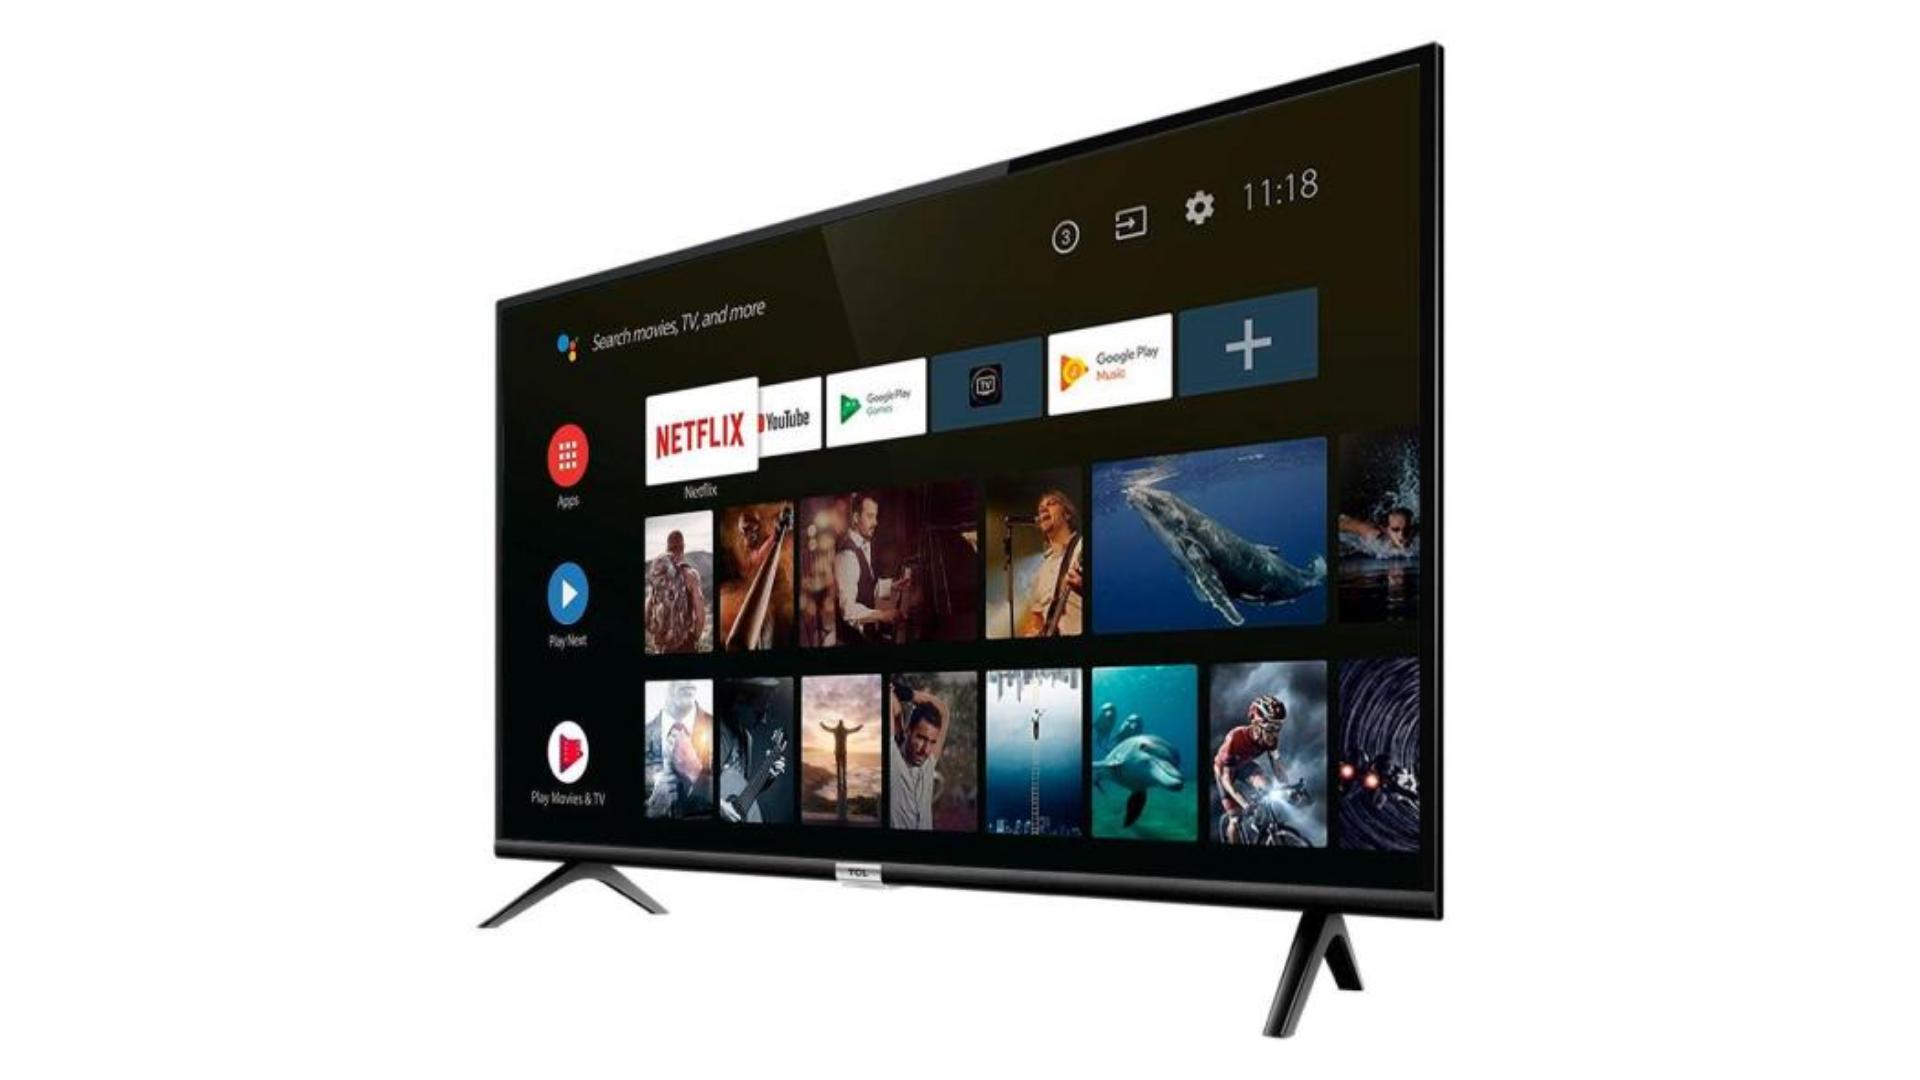 Confira nossa análise e saiba se vale a pena comprar a TV TCL S6500! (Imagem: Divulgação/TCL)